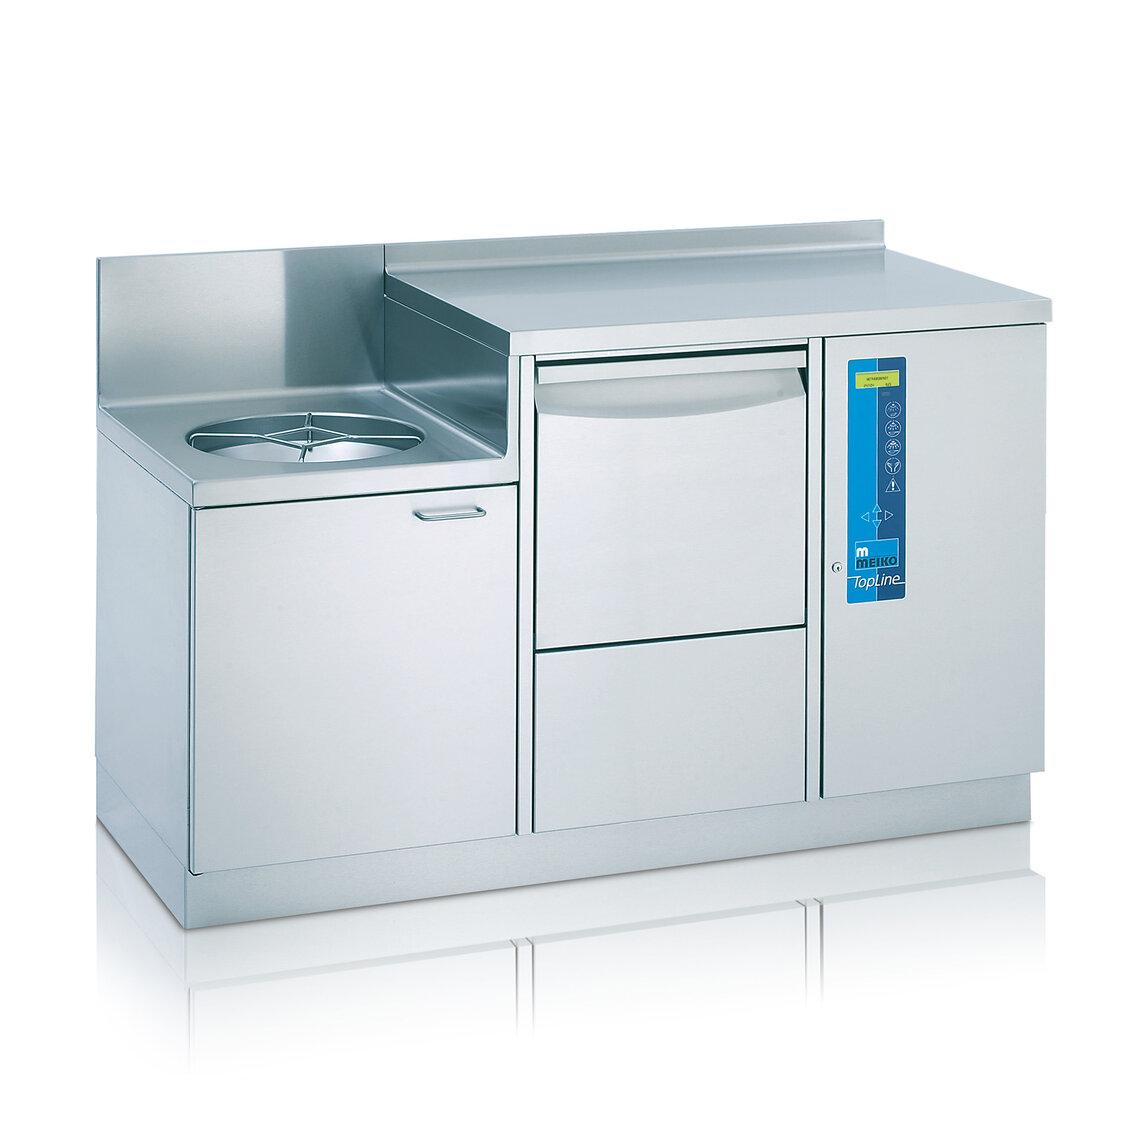 Bir çamaşır makinesi için lavabo pratik bir seçimdir